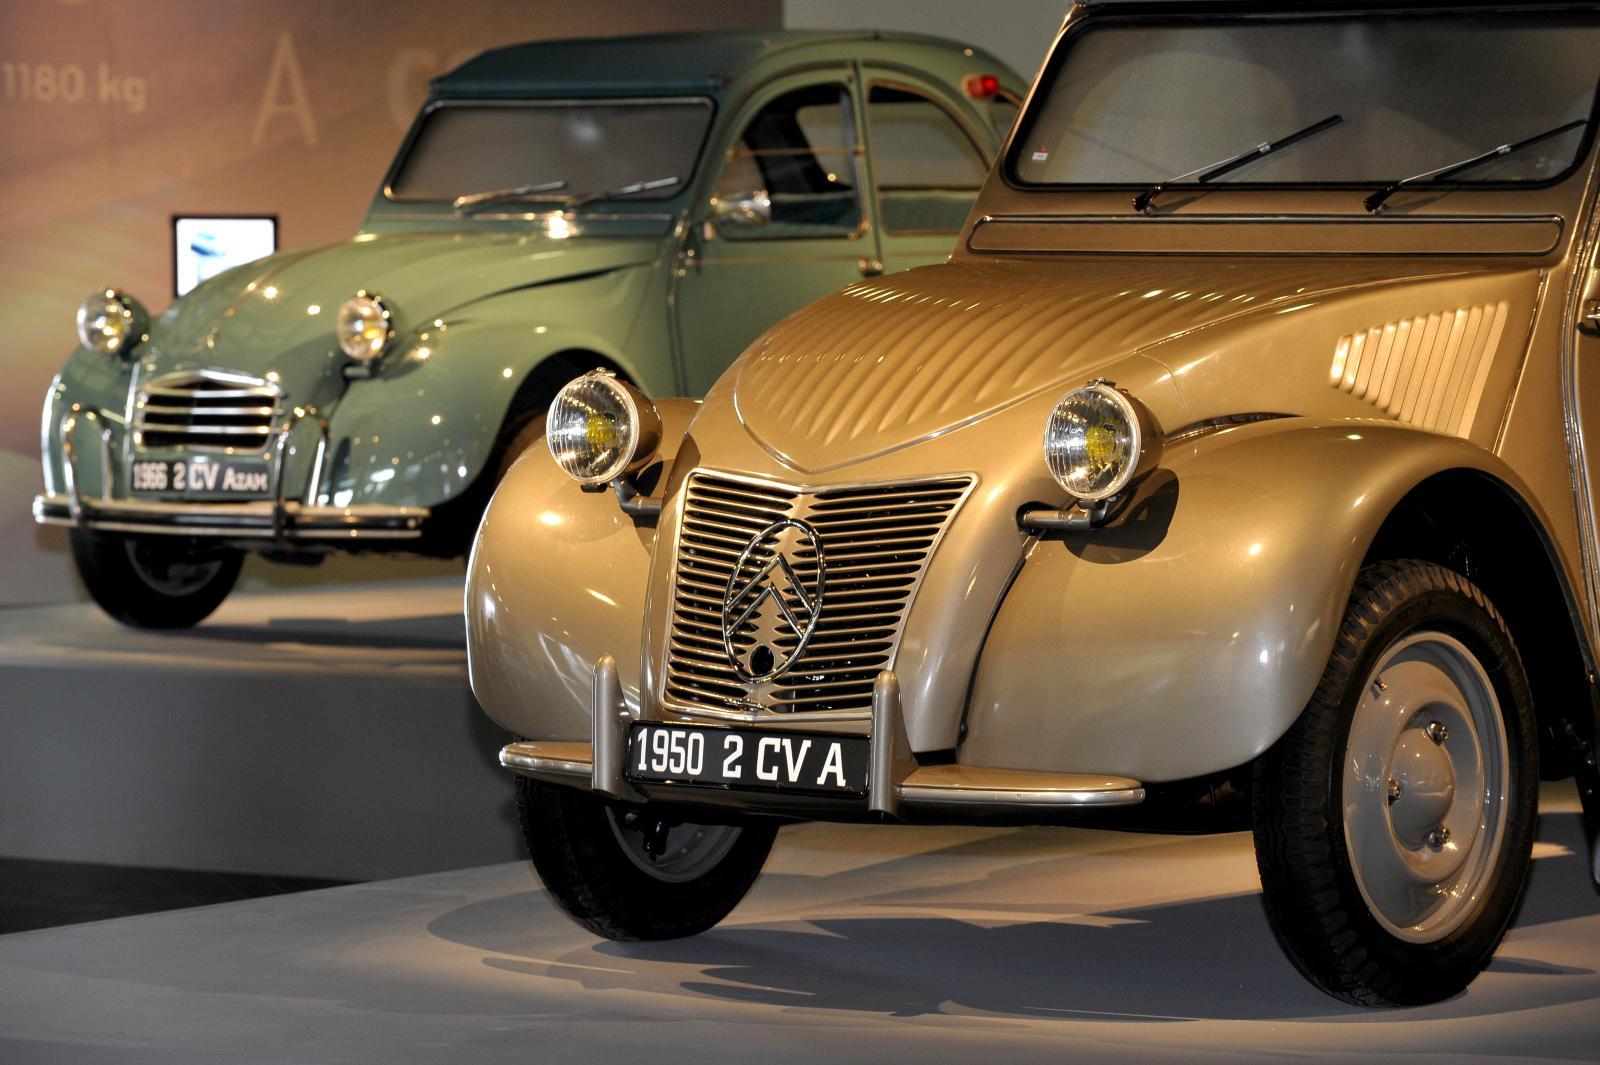 2CV A 1950 und 2CV AZAM 1966